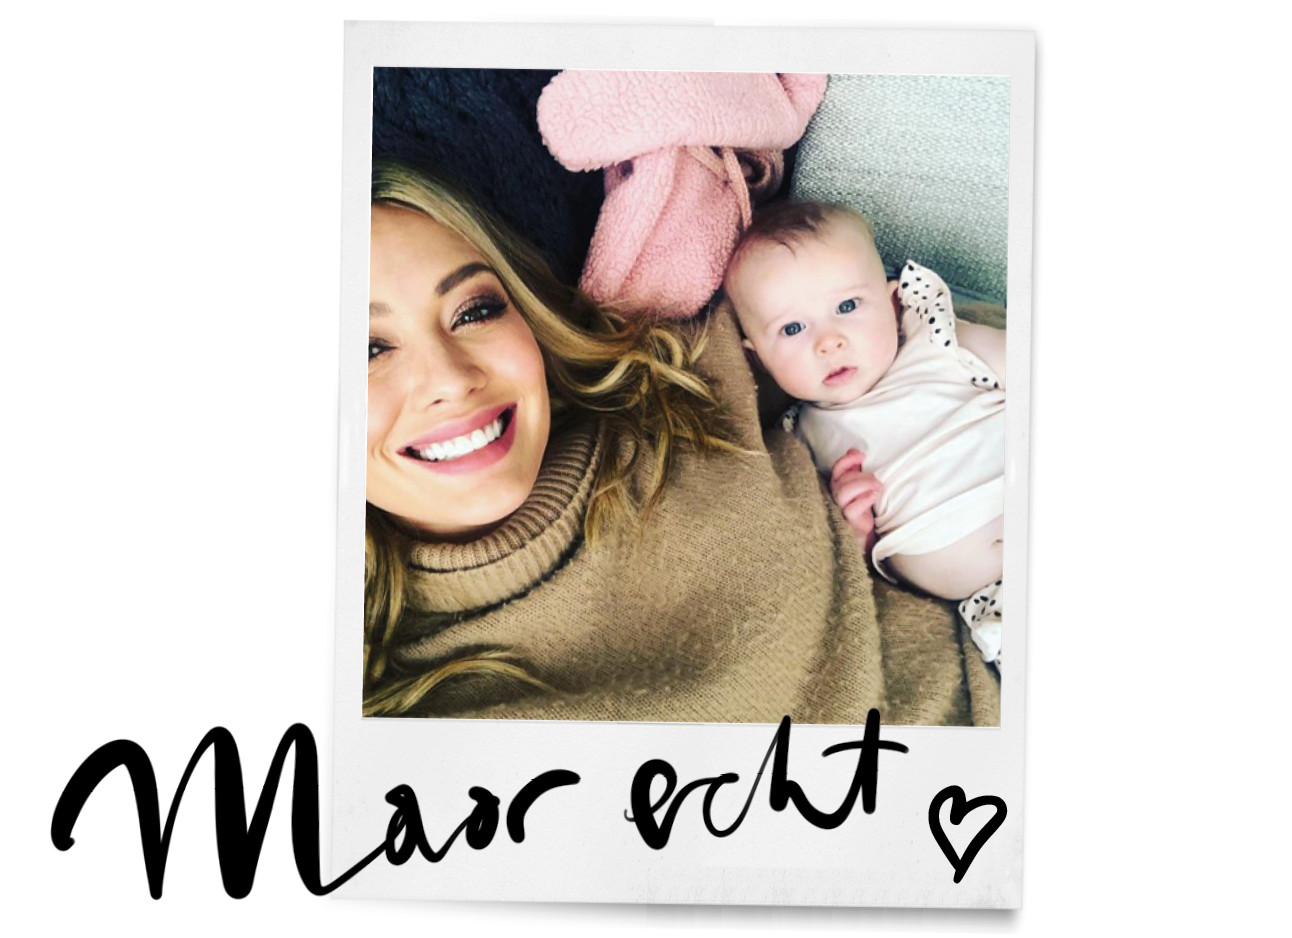 hilary duff en haar baby banks selfie, maar echt in polaroid